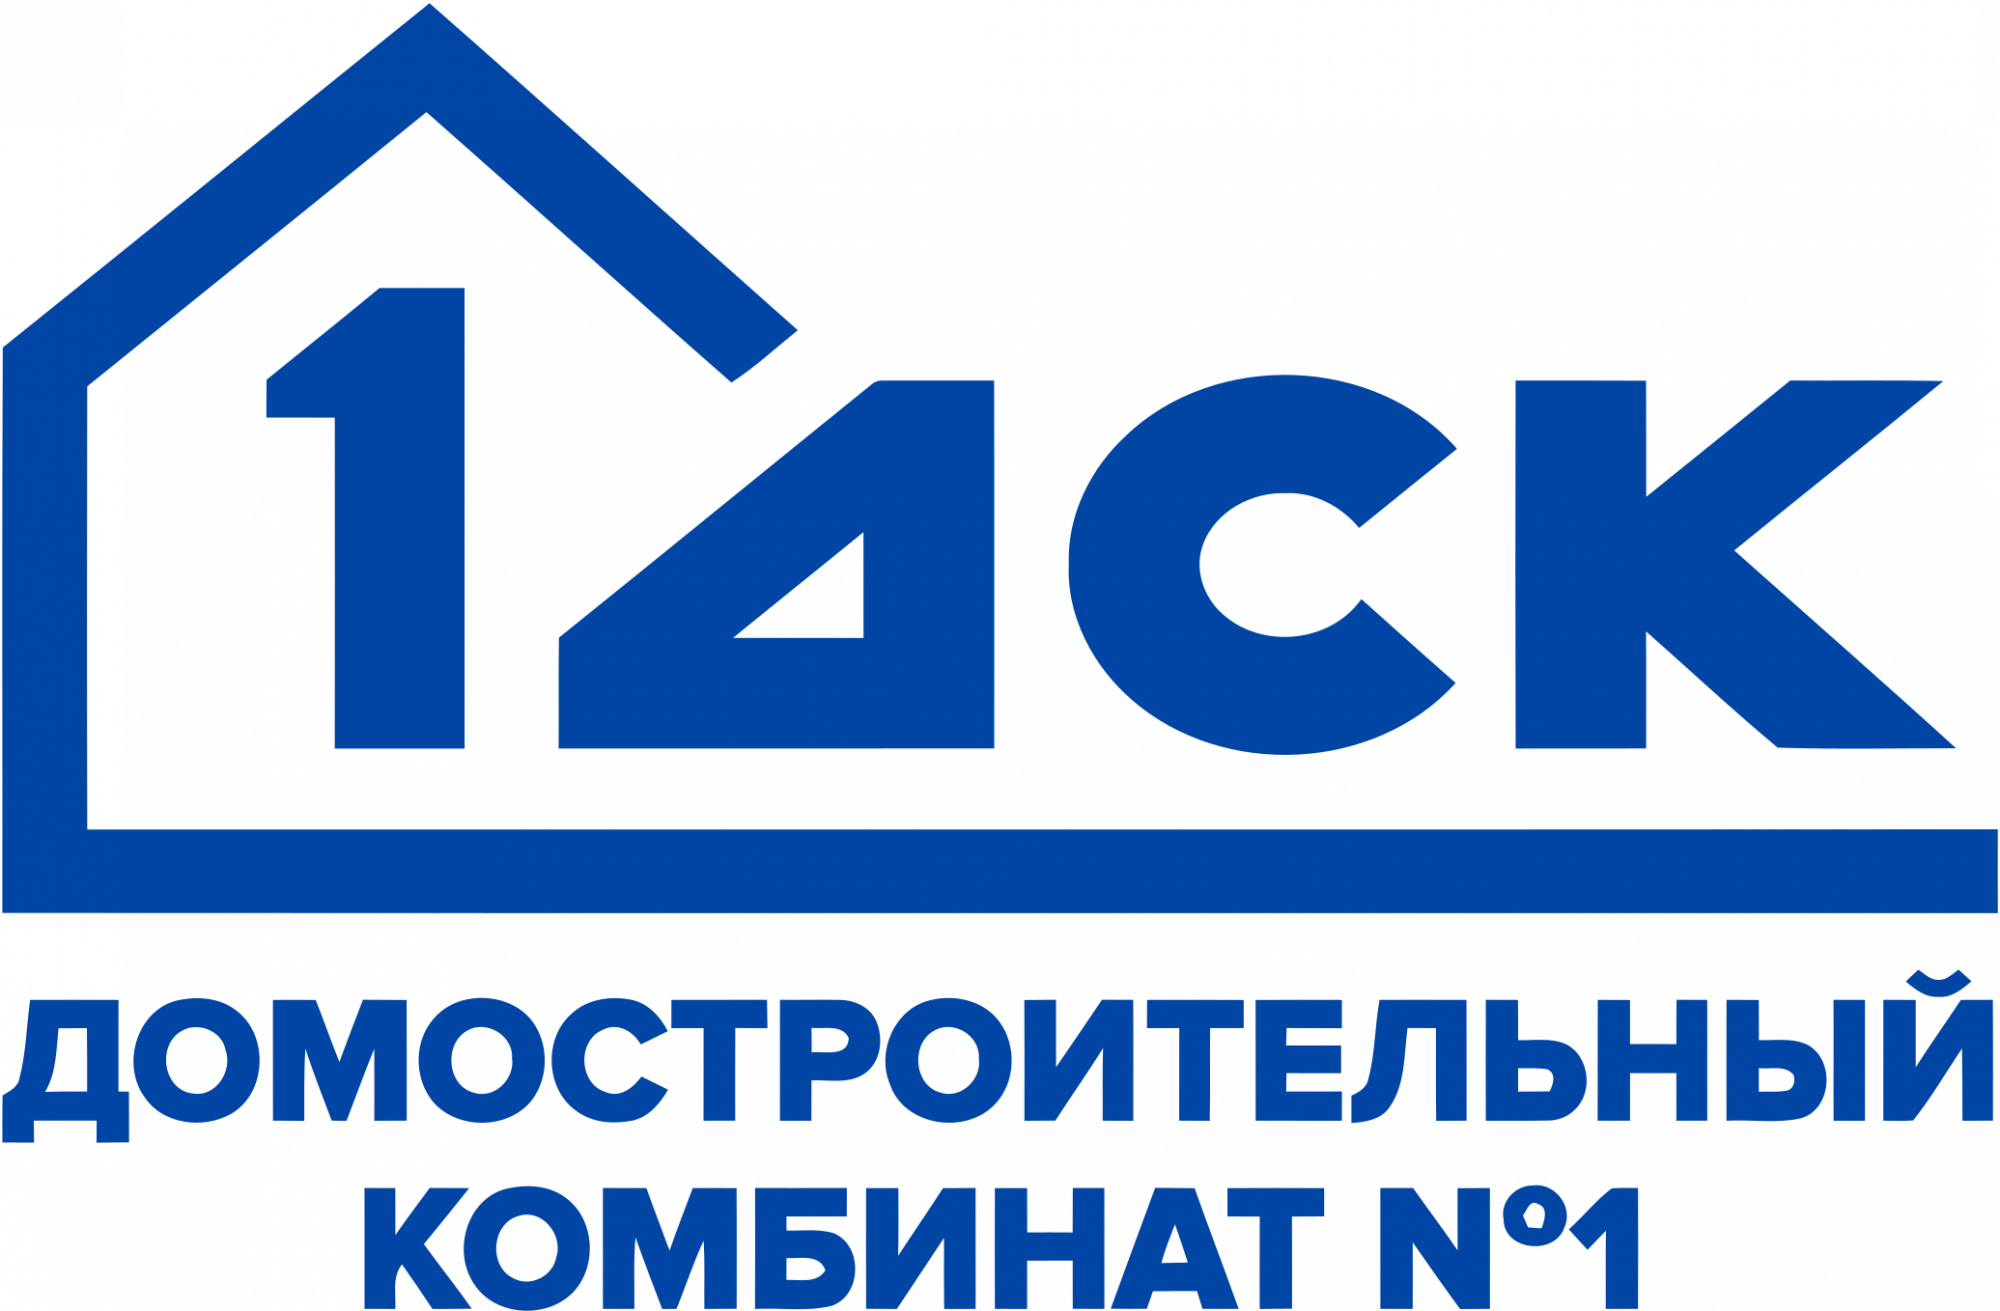 Компания дск 1 официальный сайт программа по созданию сайтов рейтинг